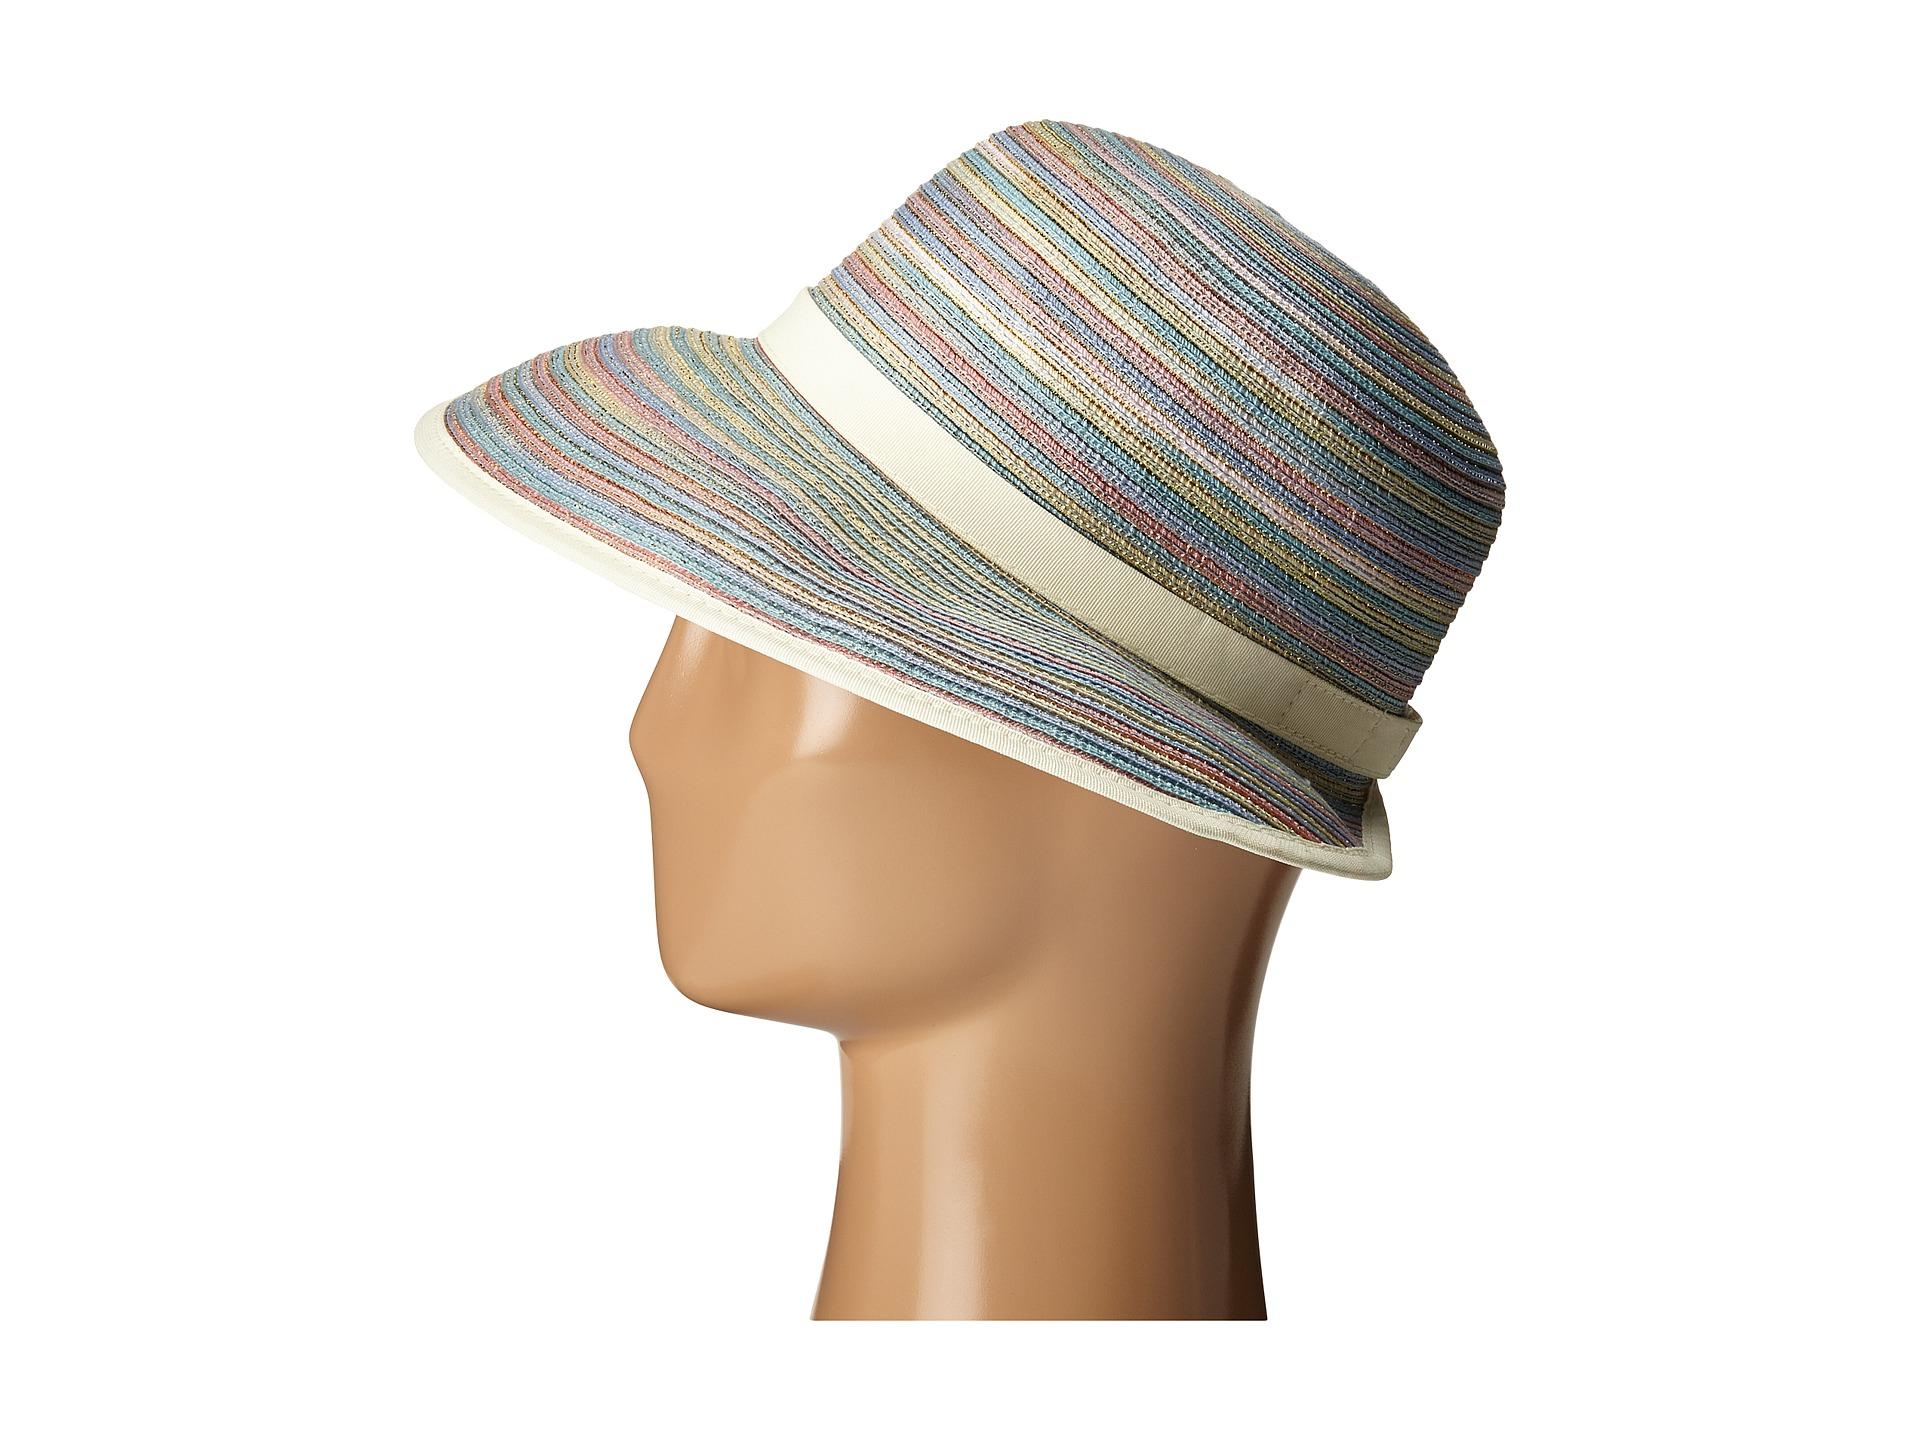 401b1b5a700e5 Lyst - San Diego Hat Company Mxm1020 4 Inch Brim Sun Hat With Face ...